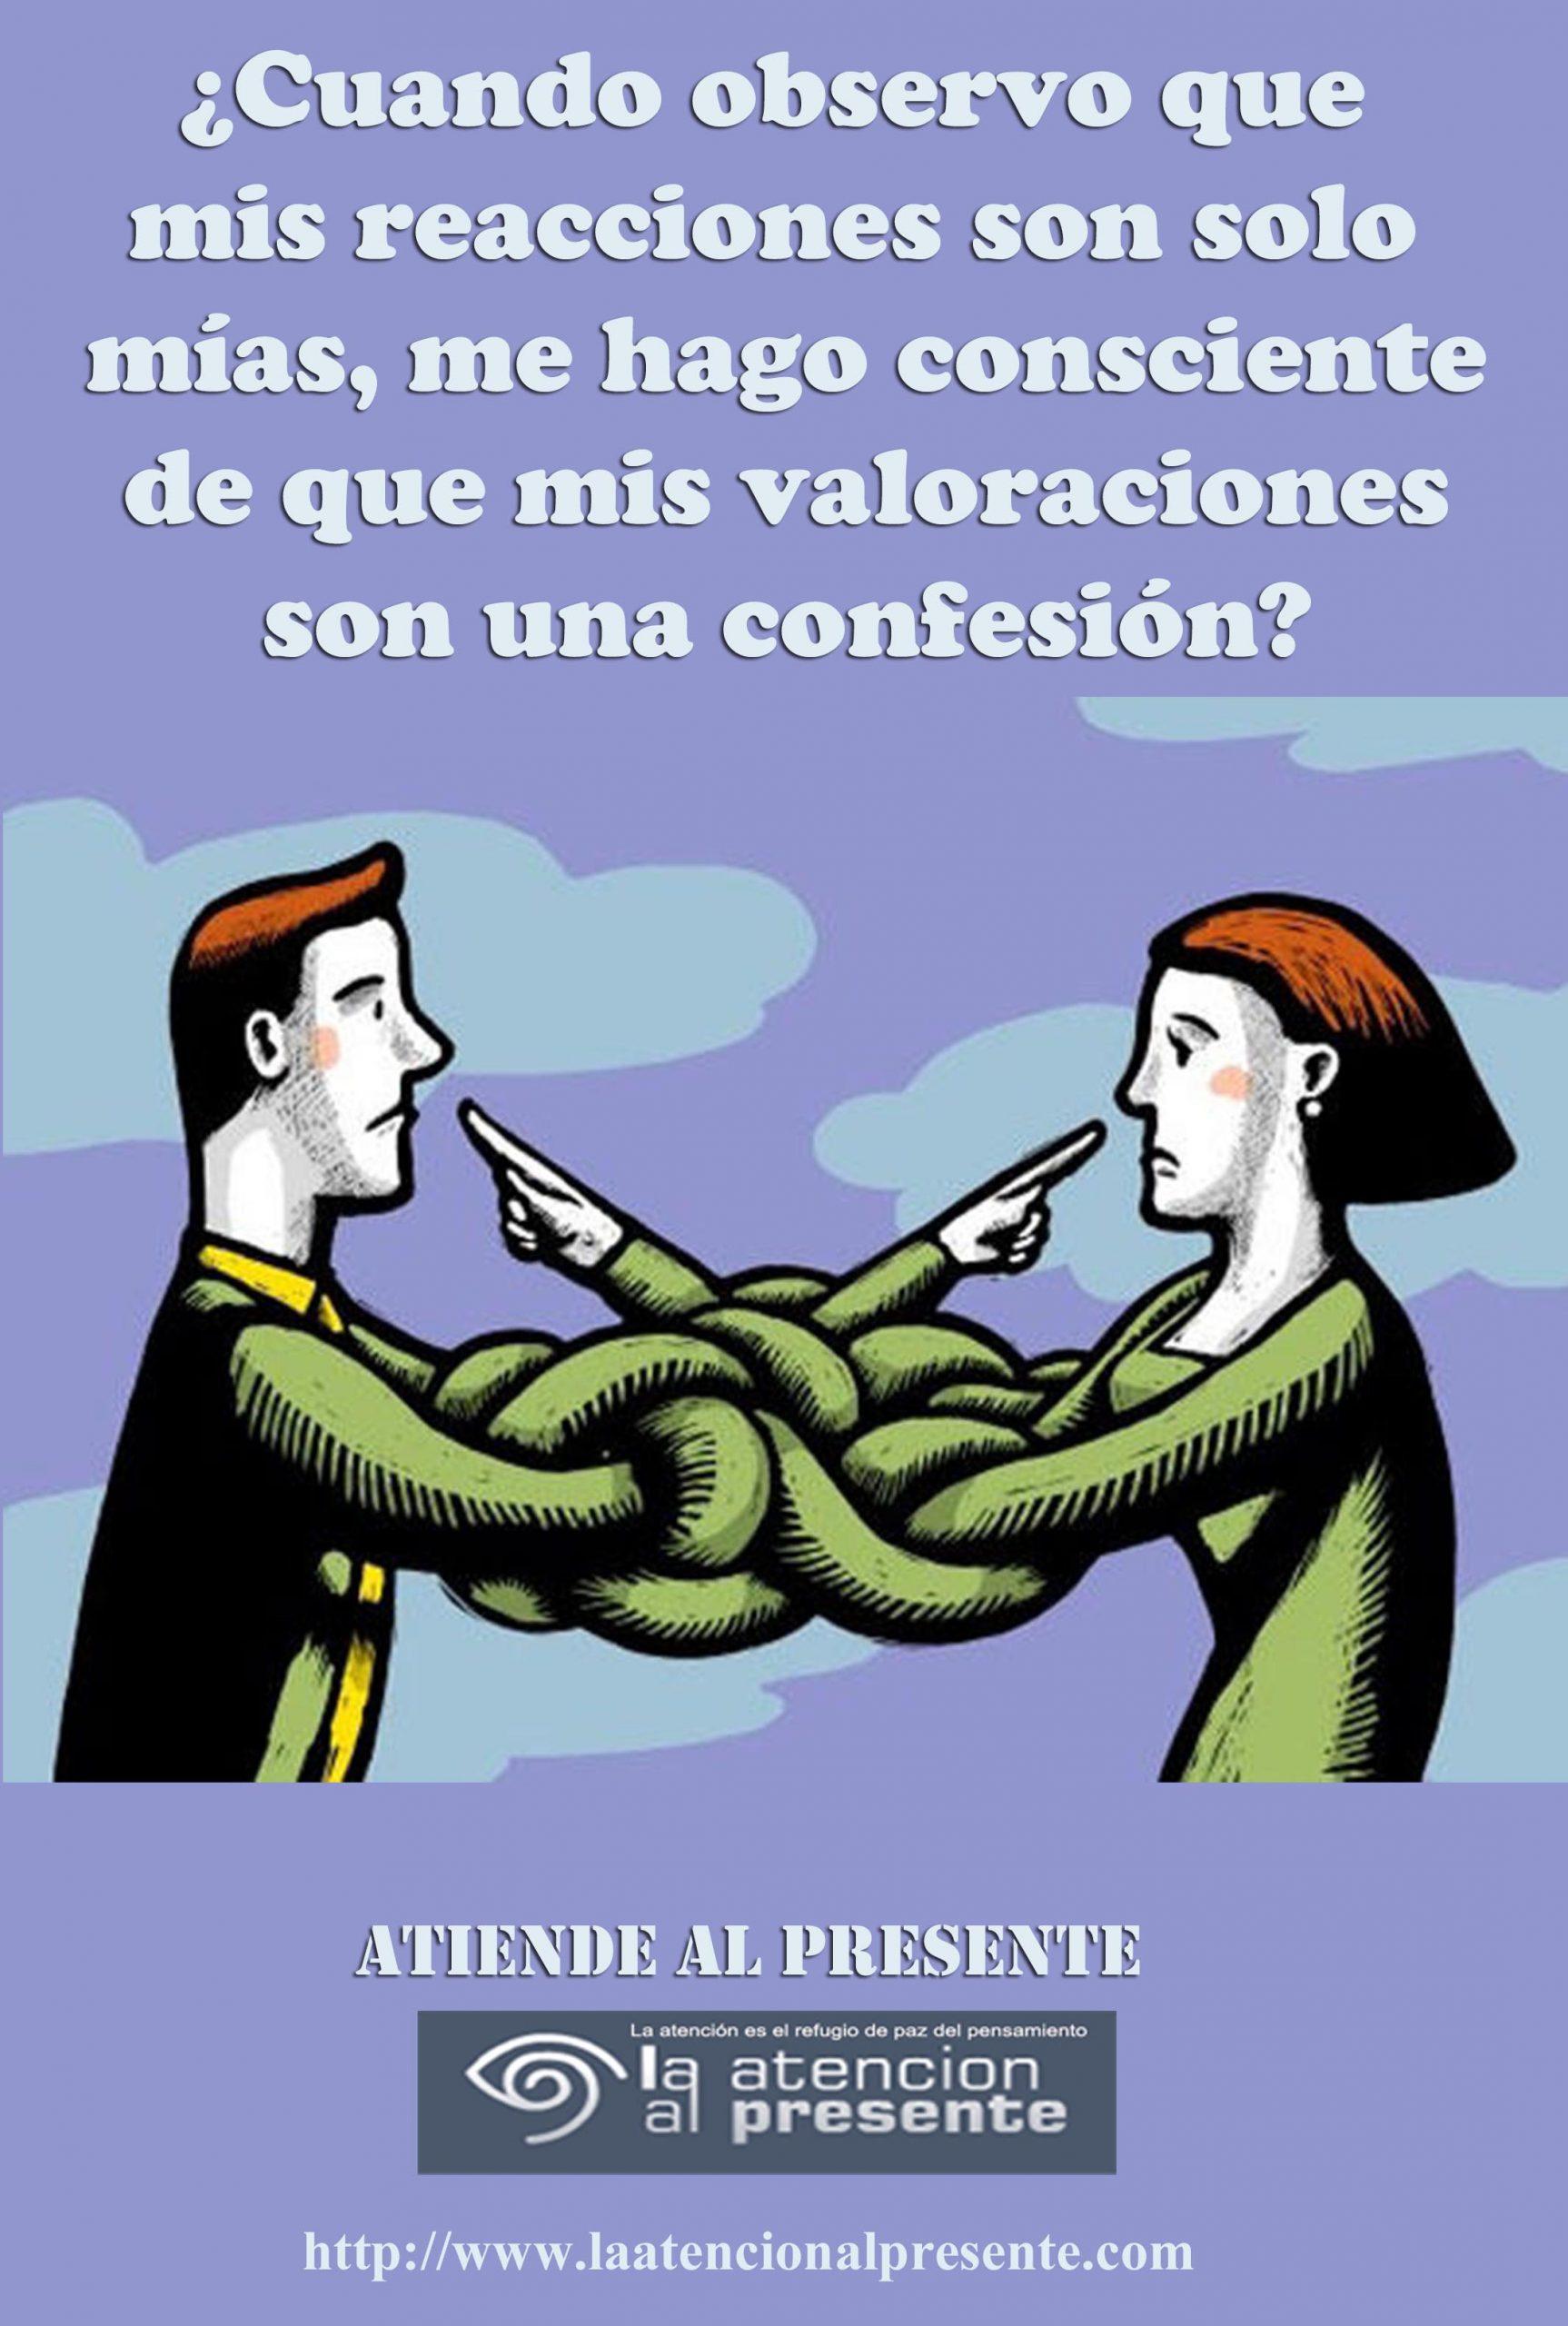 21 de setiemb Esteban Cuando observo que mis reacciones son solo mias me hago consciente de que mis valoraciones son una confesion min scaled